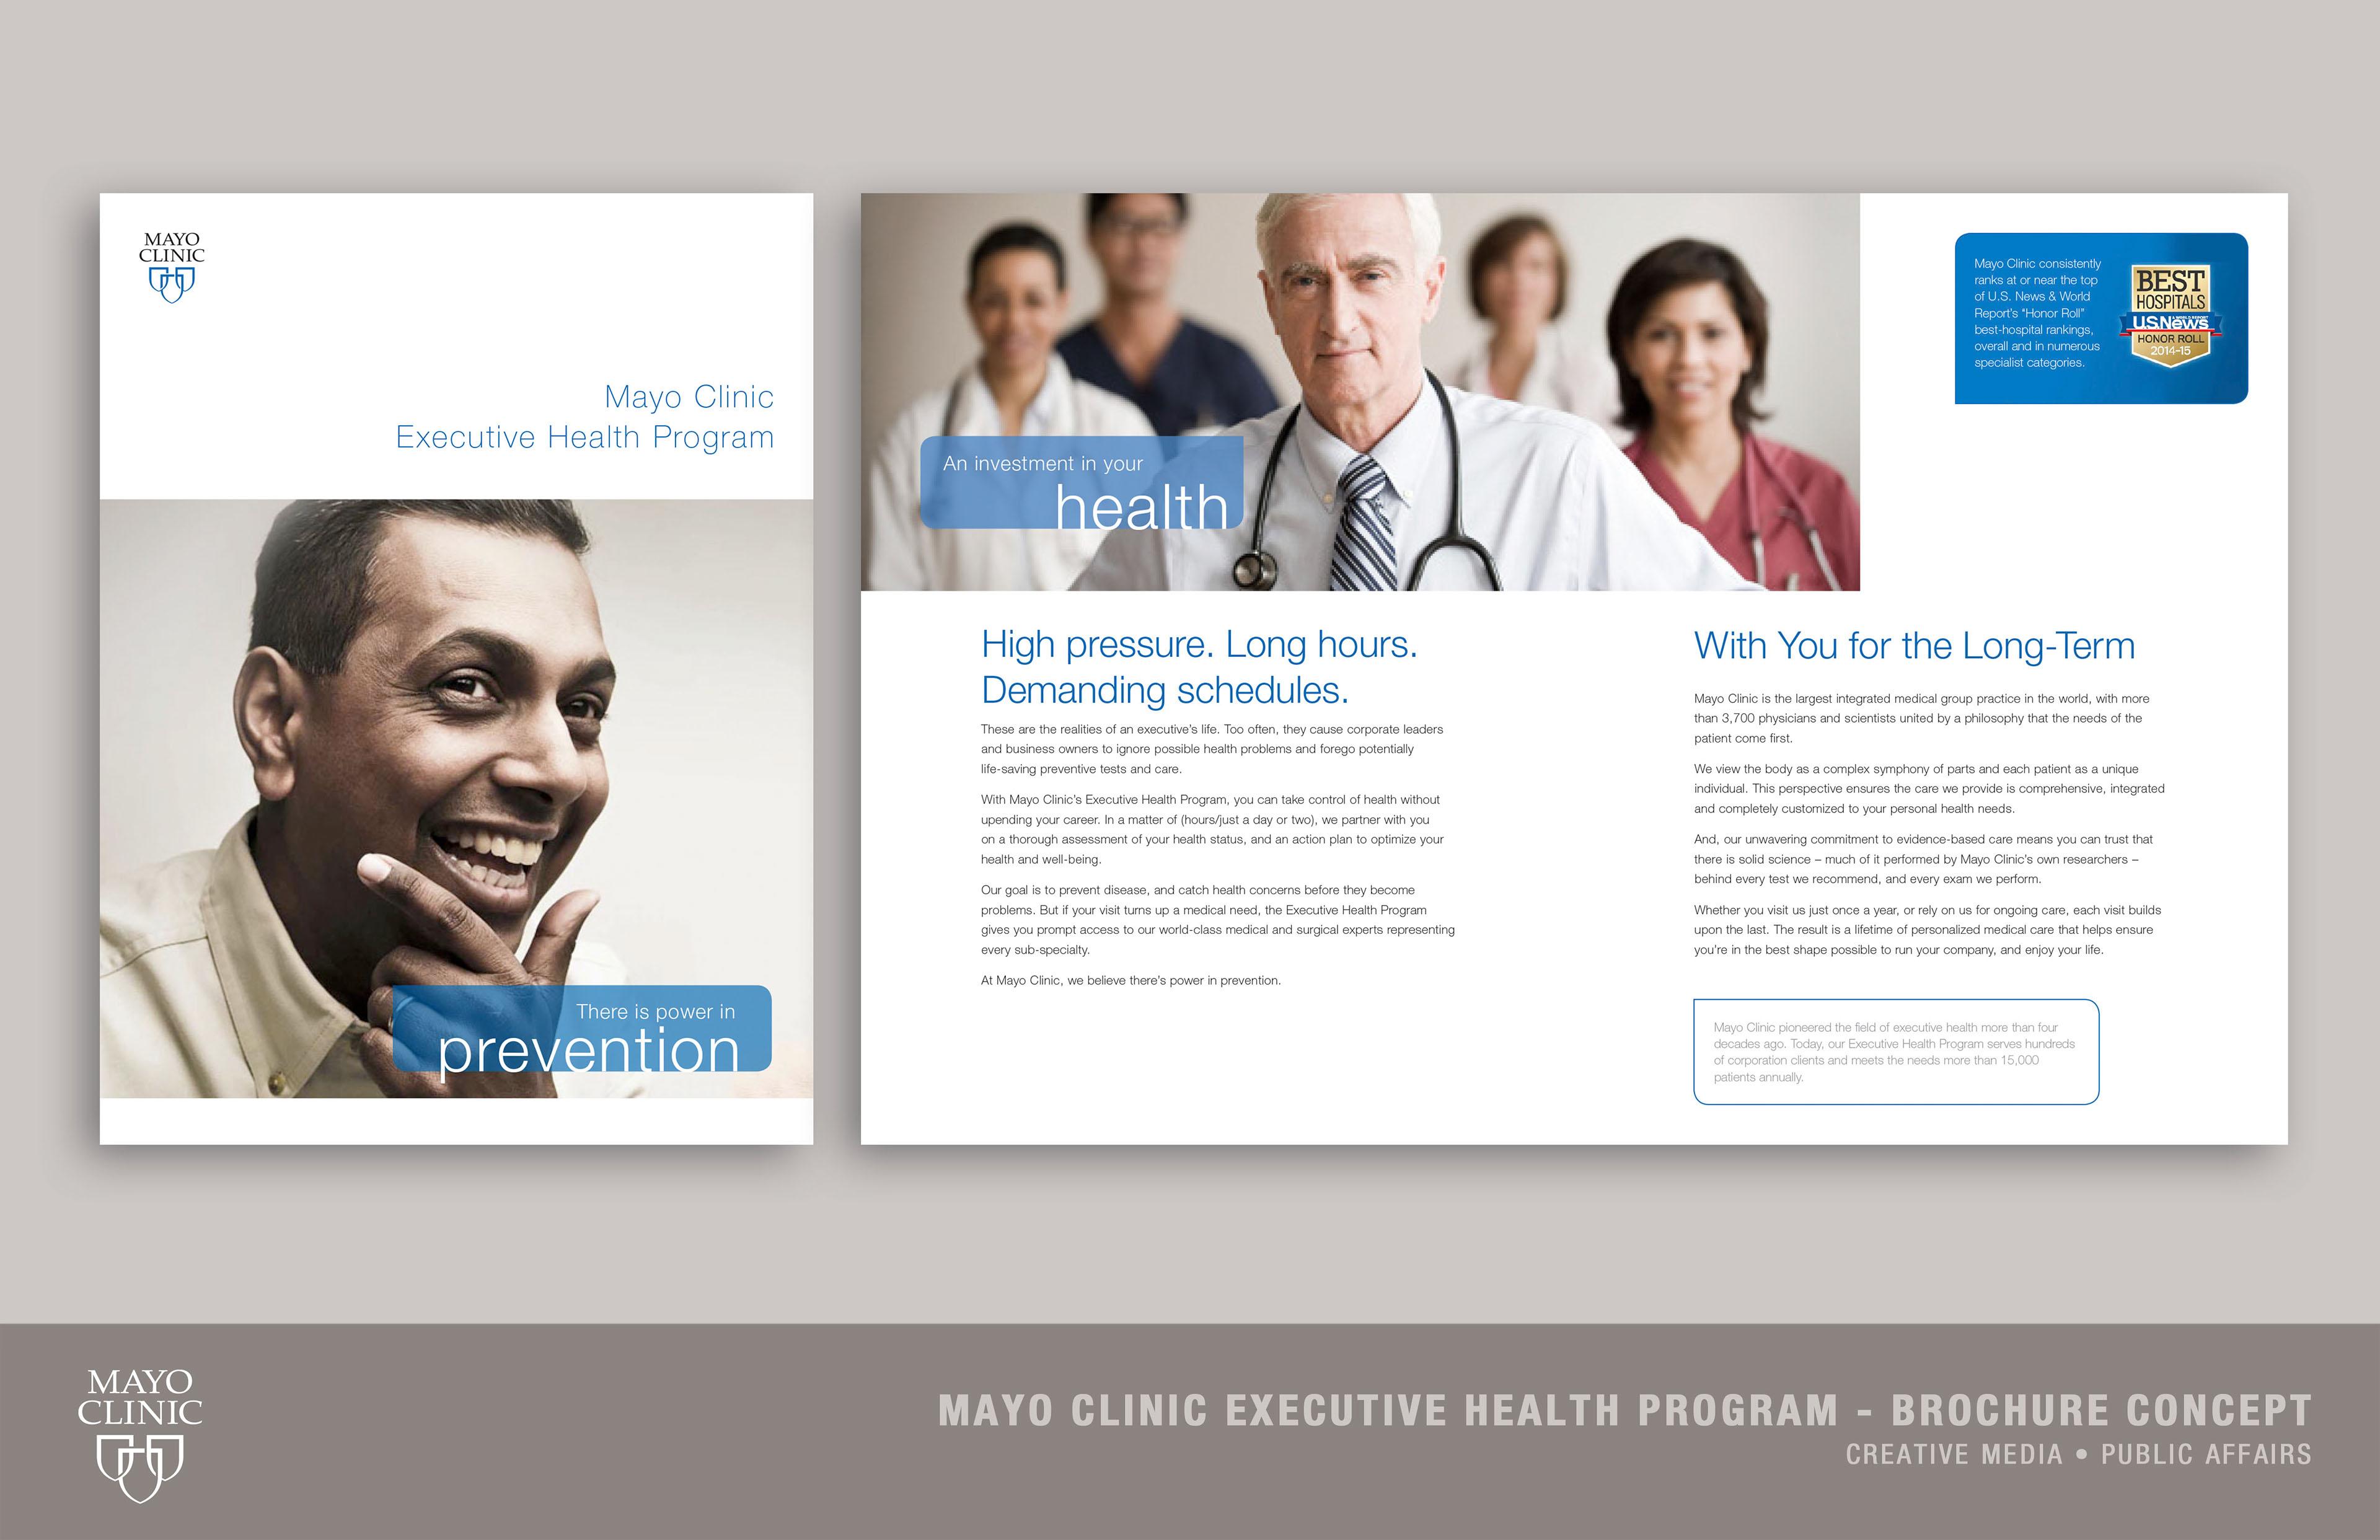 Abby Bradford - Mayo Clinic Executive Health Program